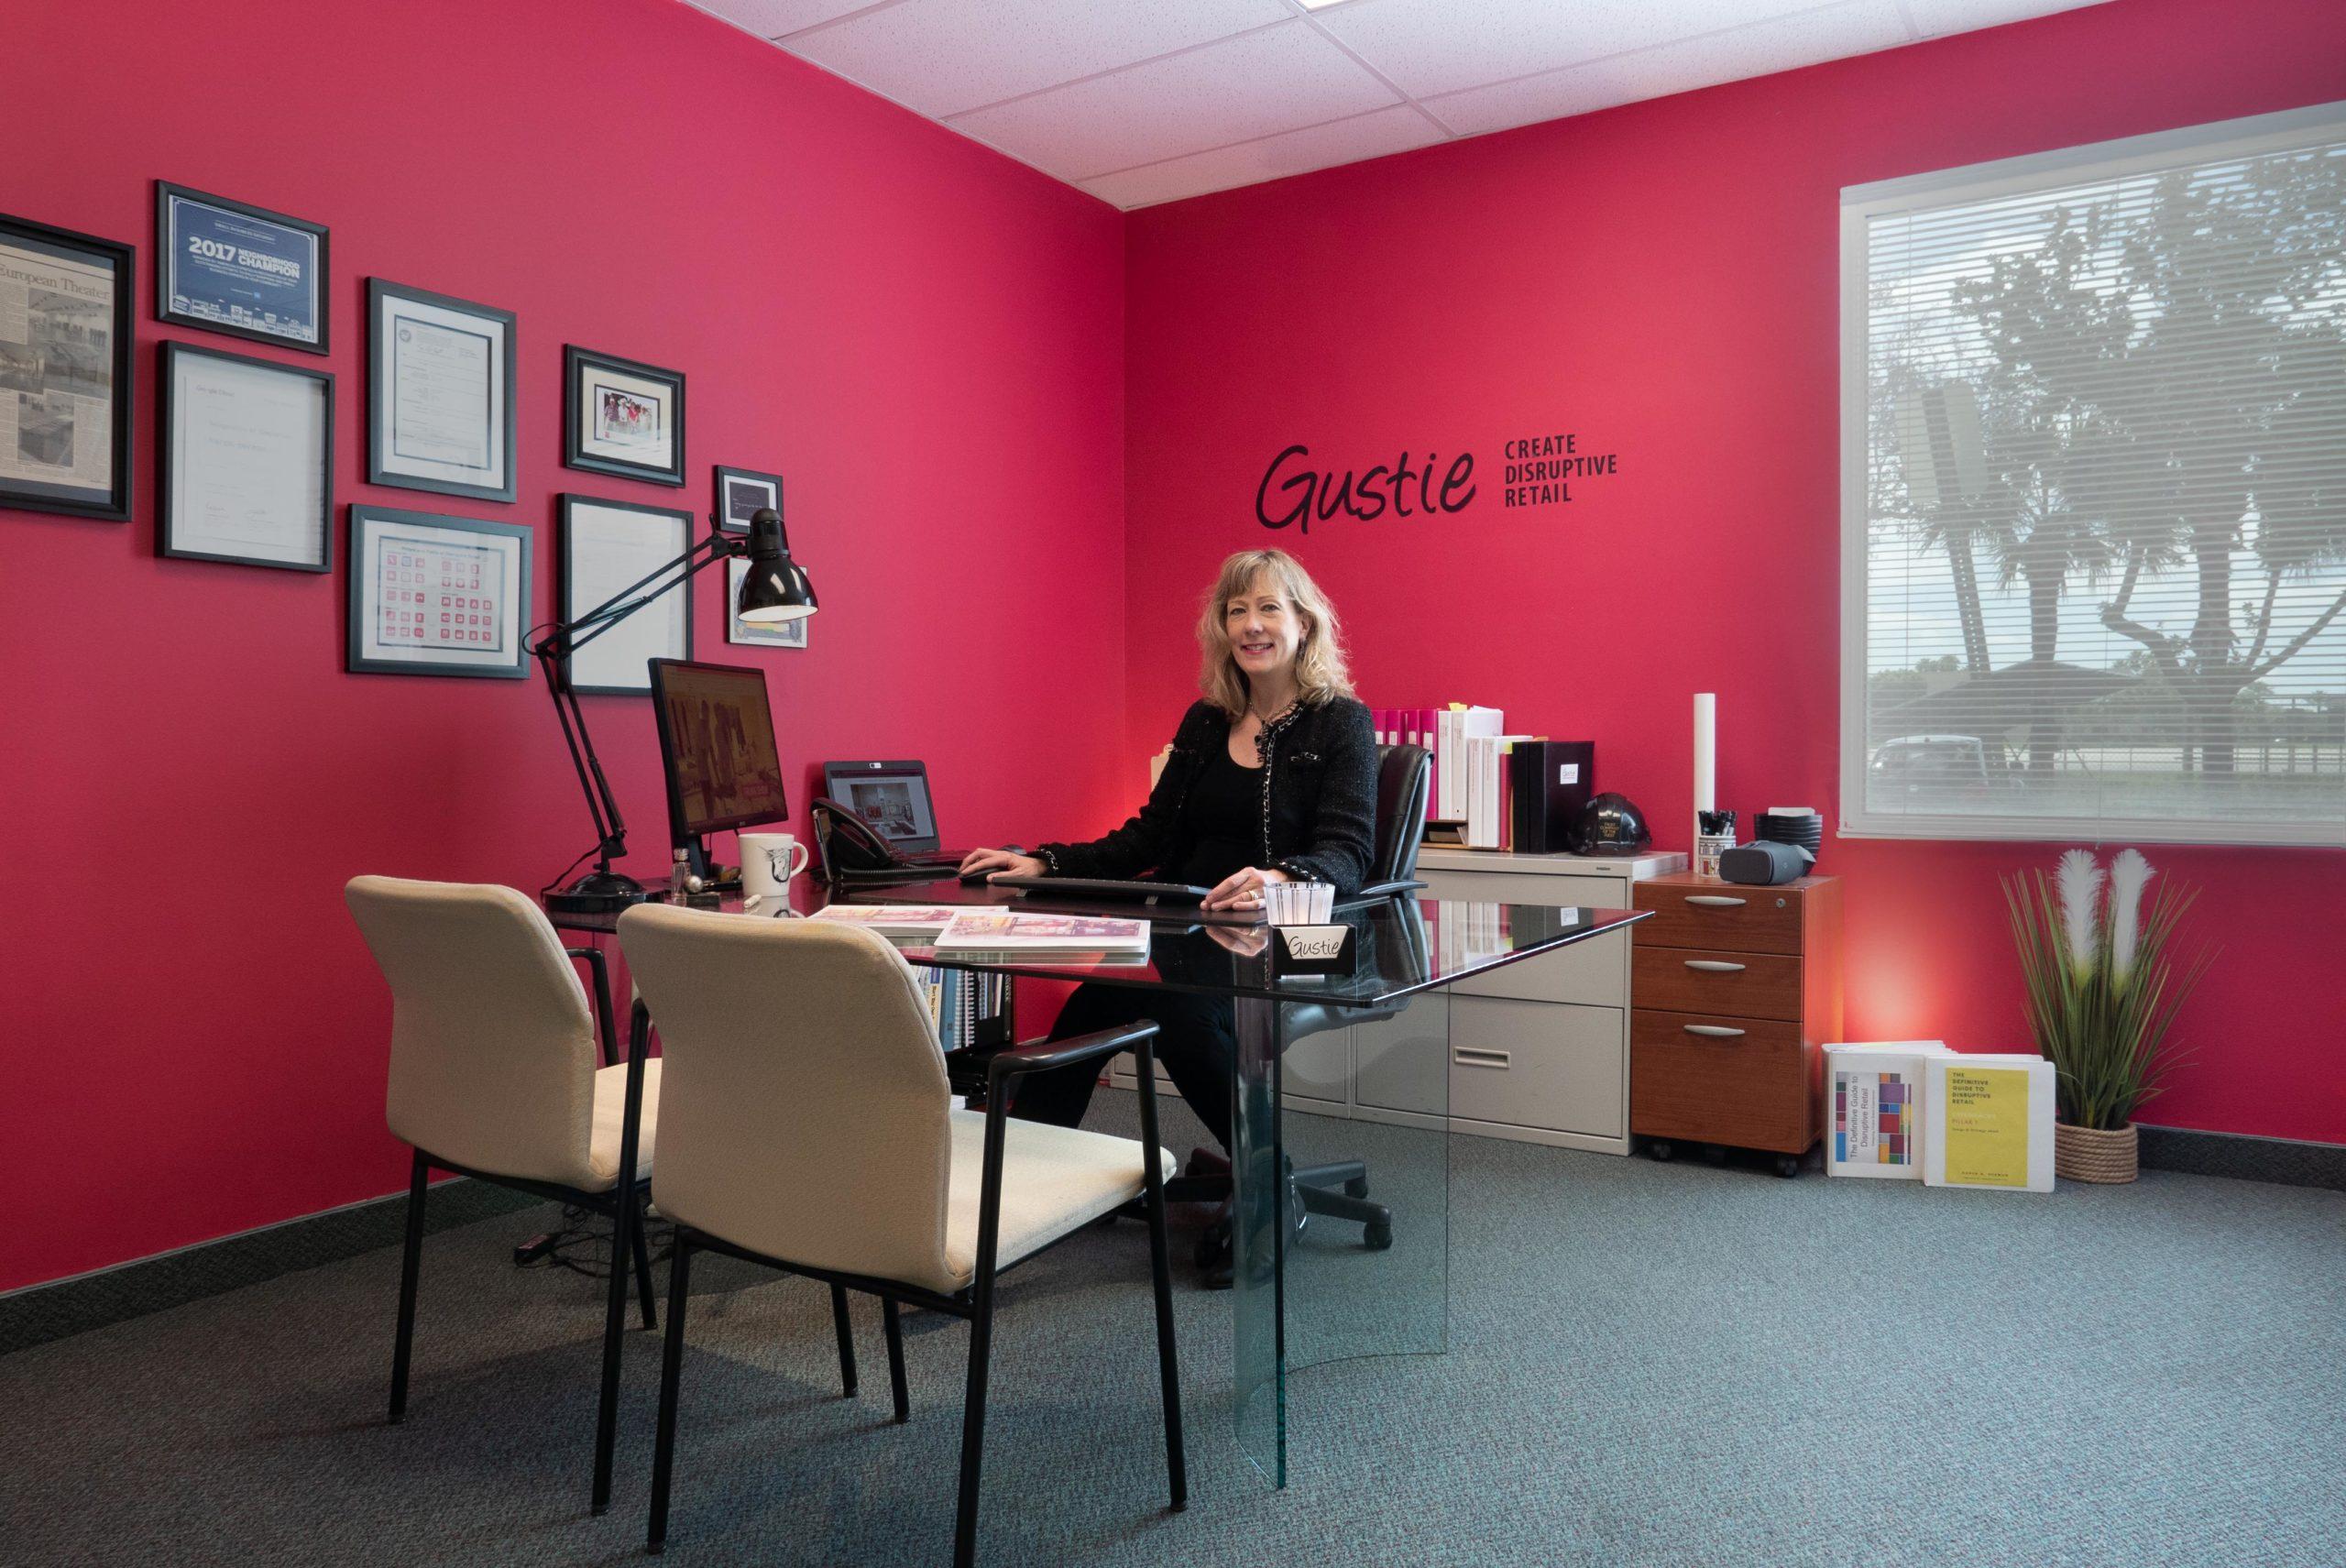 Karen Herman CEO of Gustie Creative